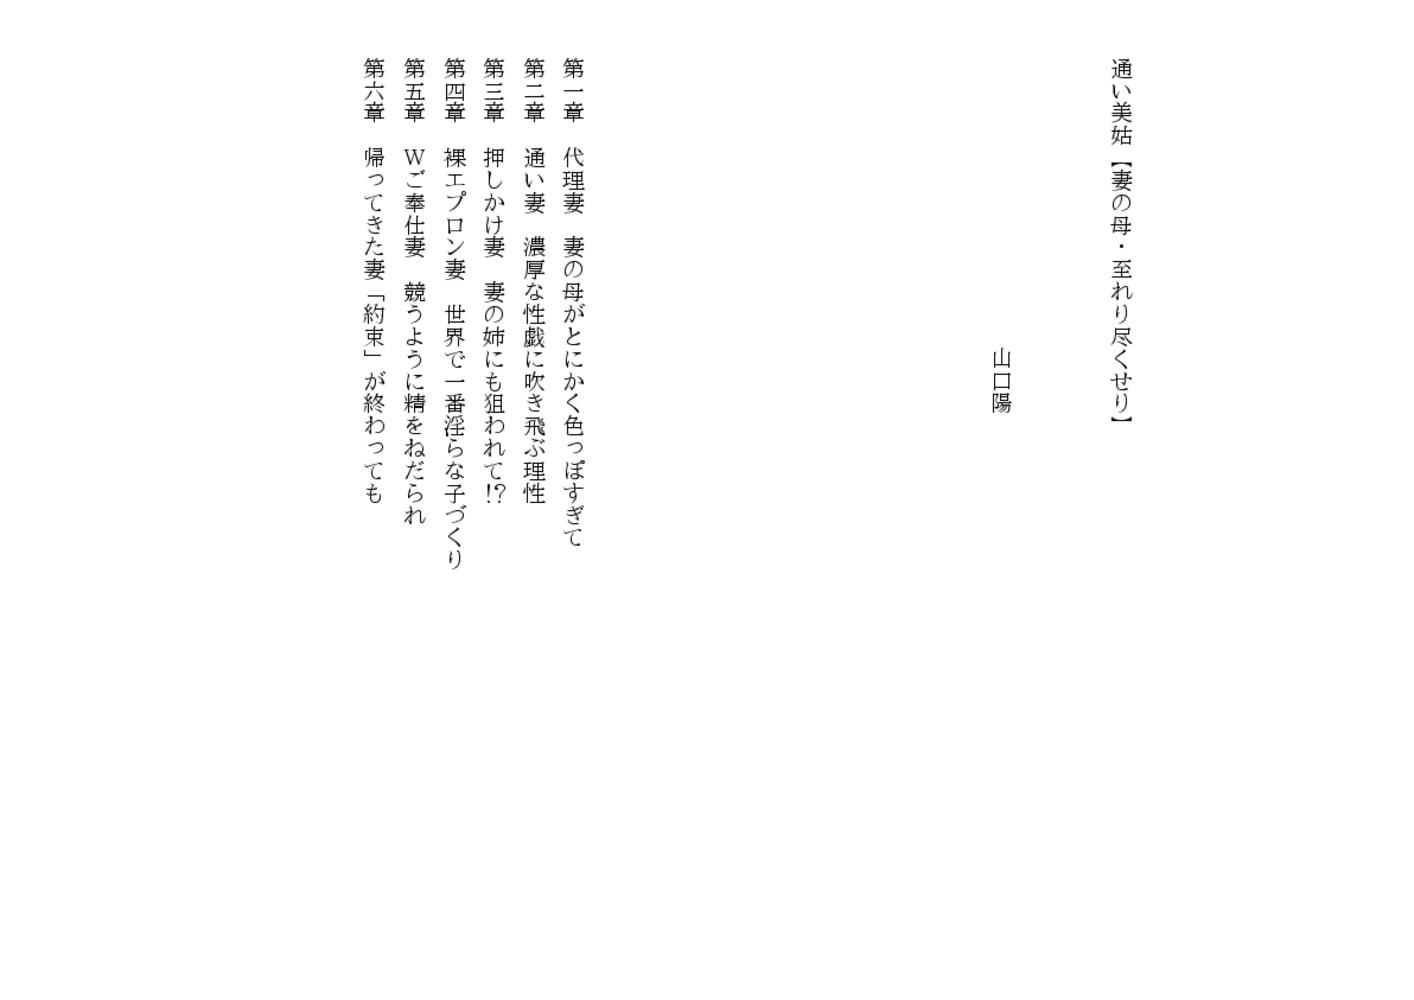 sample CG01